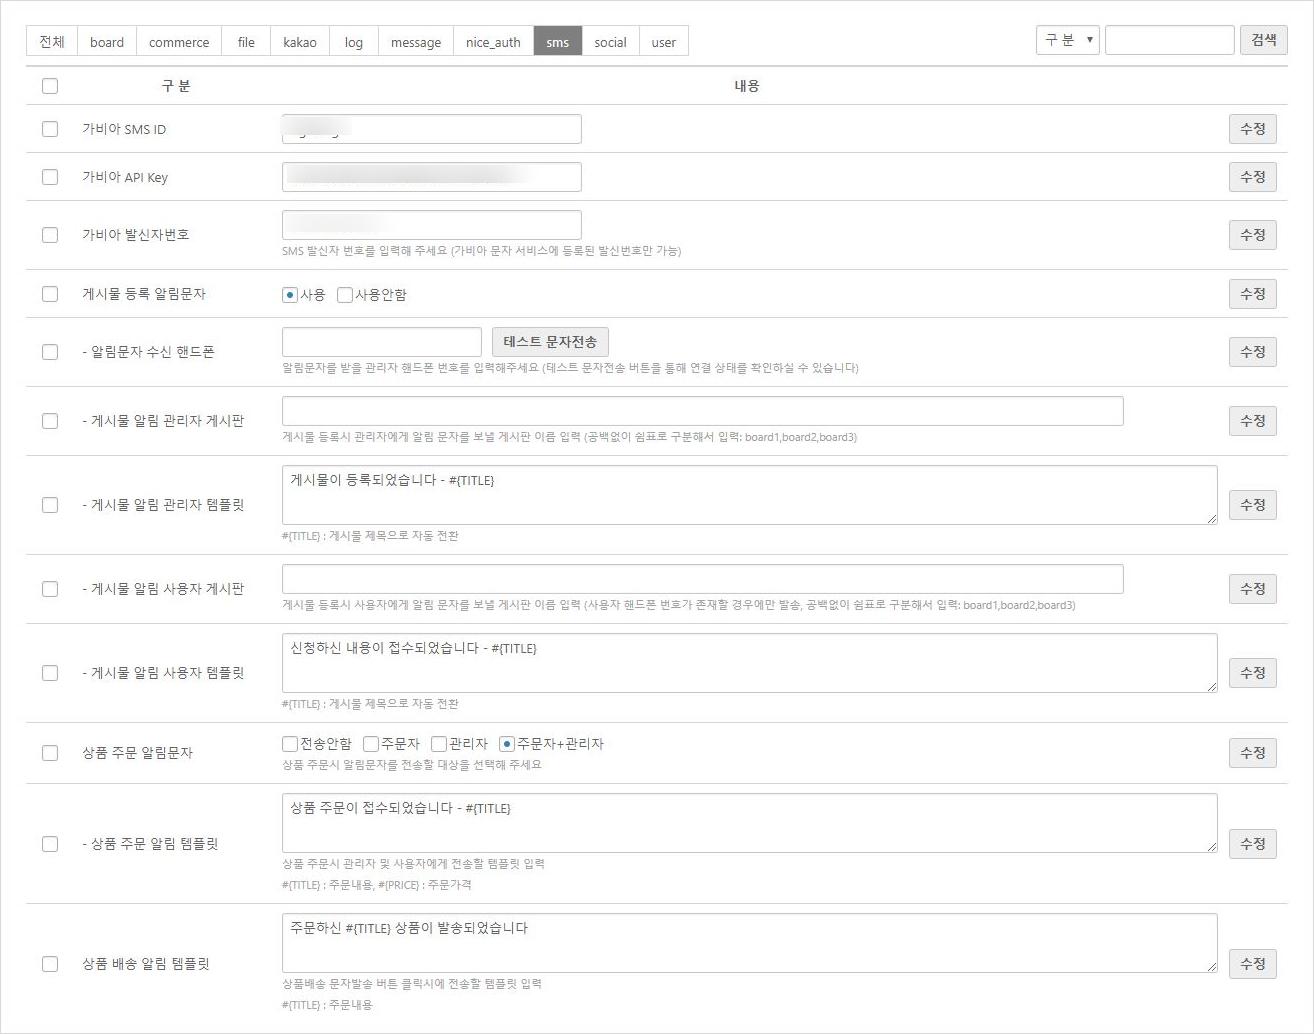 mb-file.php?path=2019%2F01%2F02%2FF5612_SE-2fa6d863-e0da-4d7a-b9da-7d5998da4409.jpg